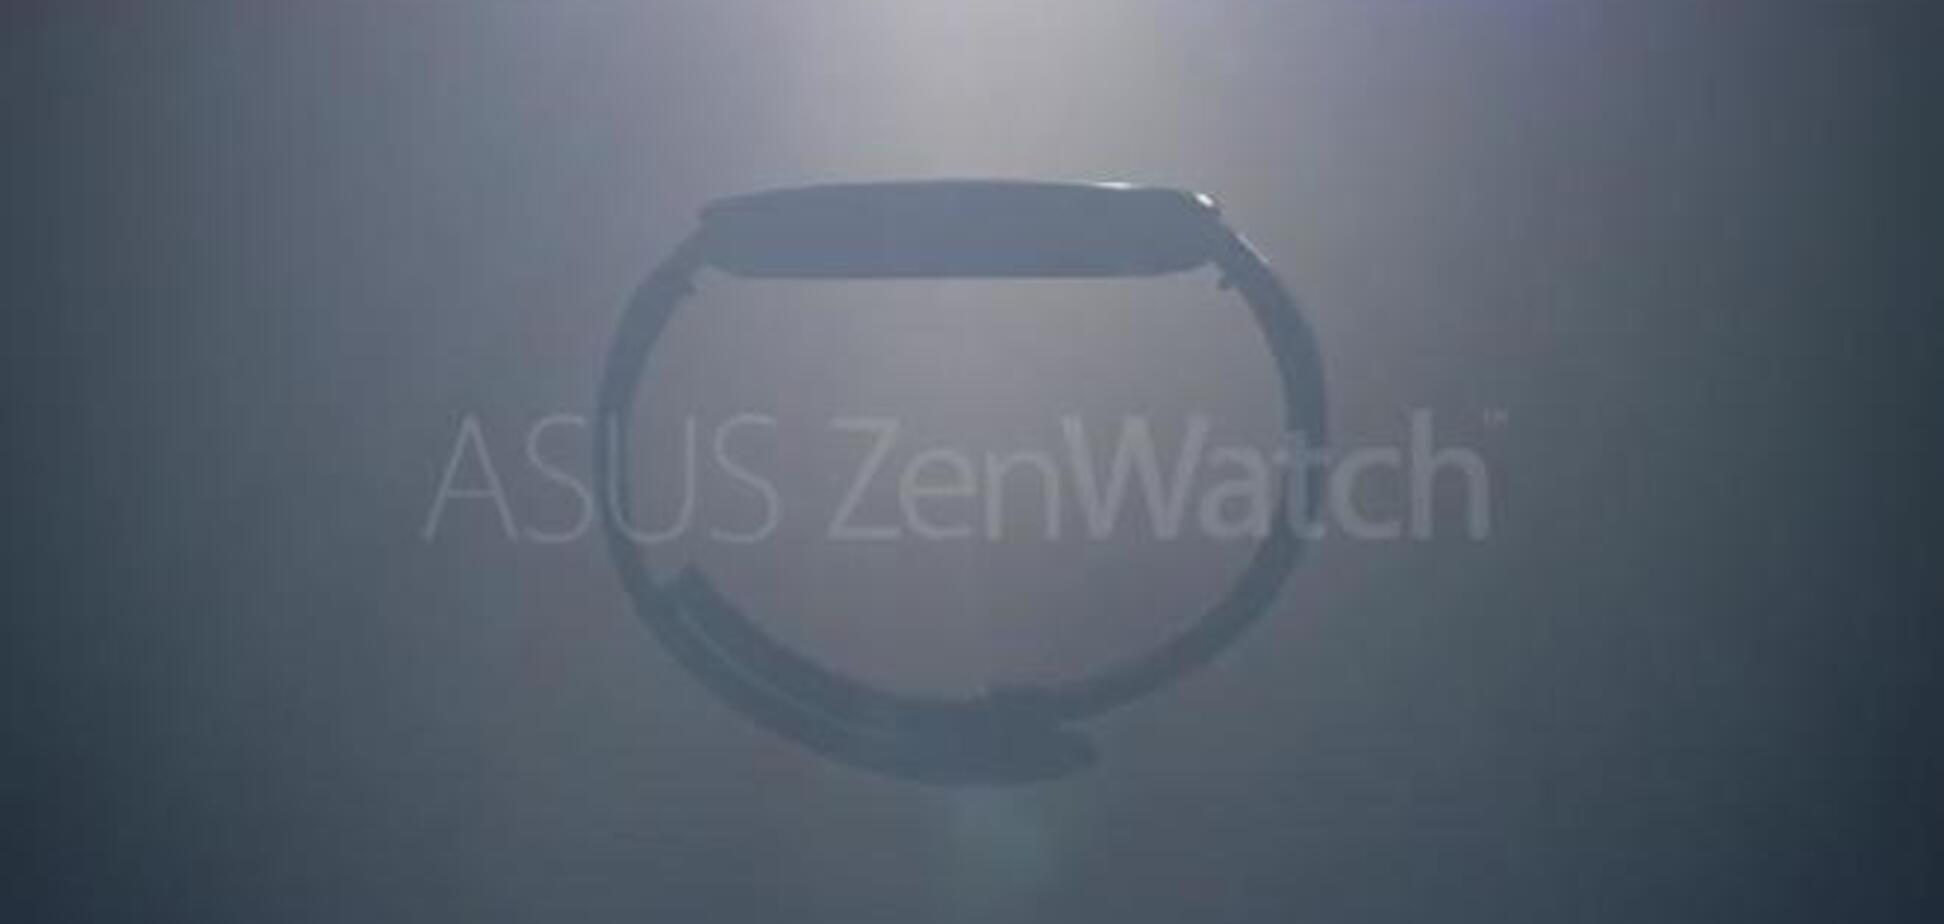 Asus выпустит 'умные' часы за $99